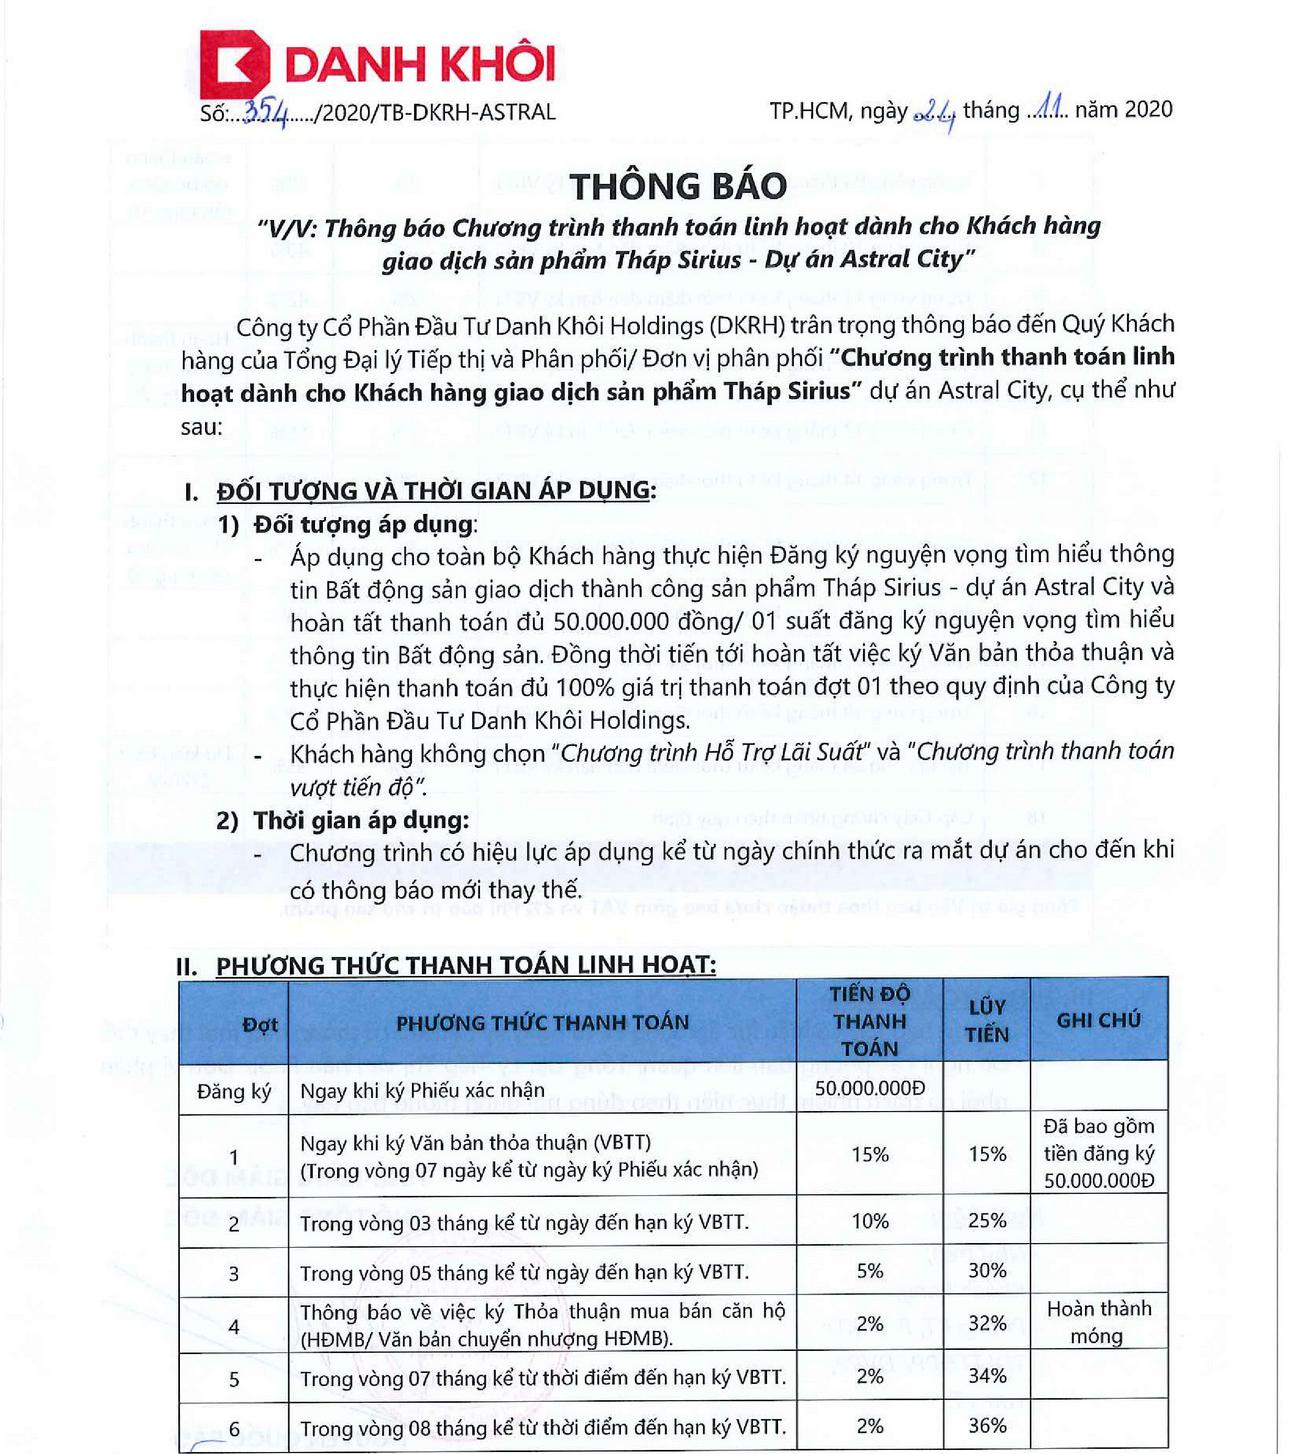 Phương thức thanh linh hoạt toán dự án căn hộ Astral City Thuận An Đường Quốc lộ 13 chủ đầu tư Phát Đạt Group